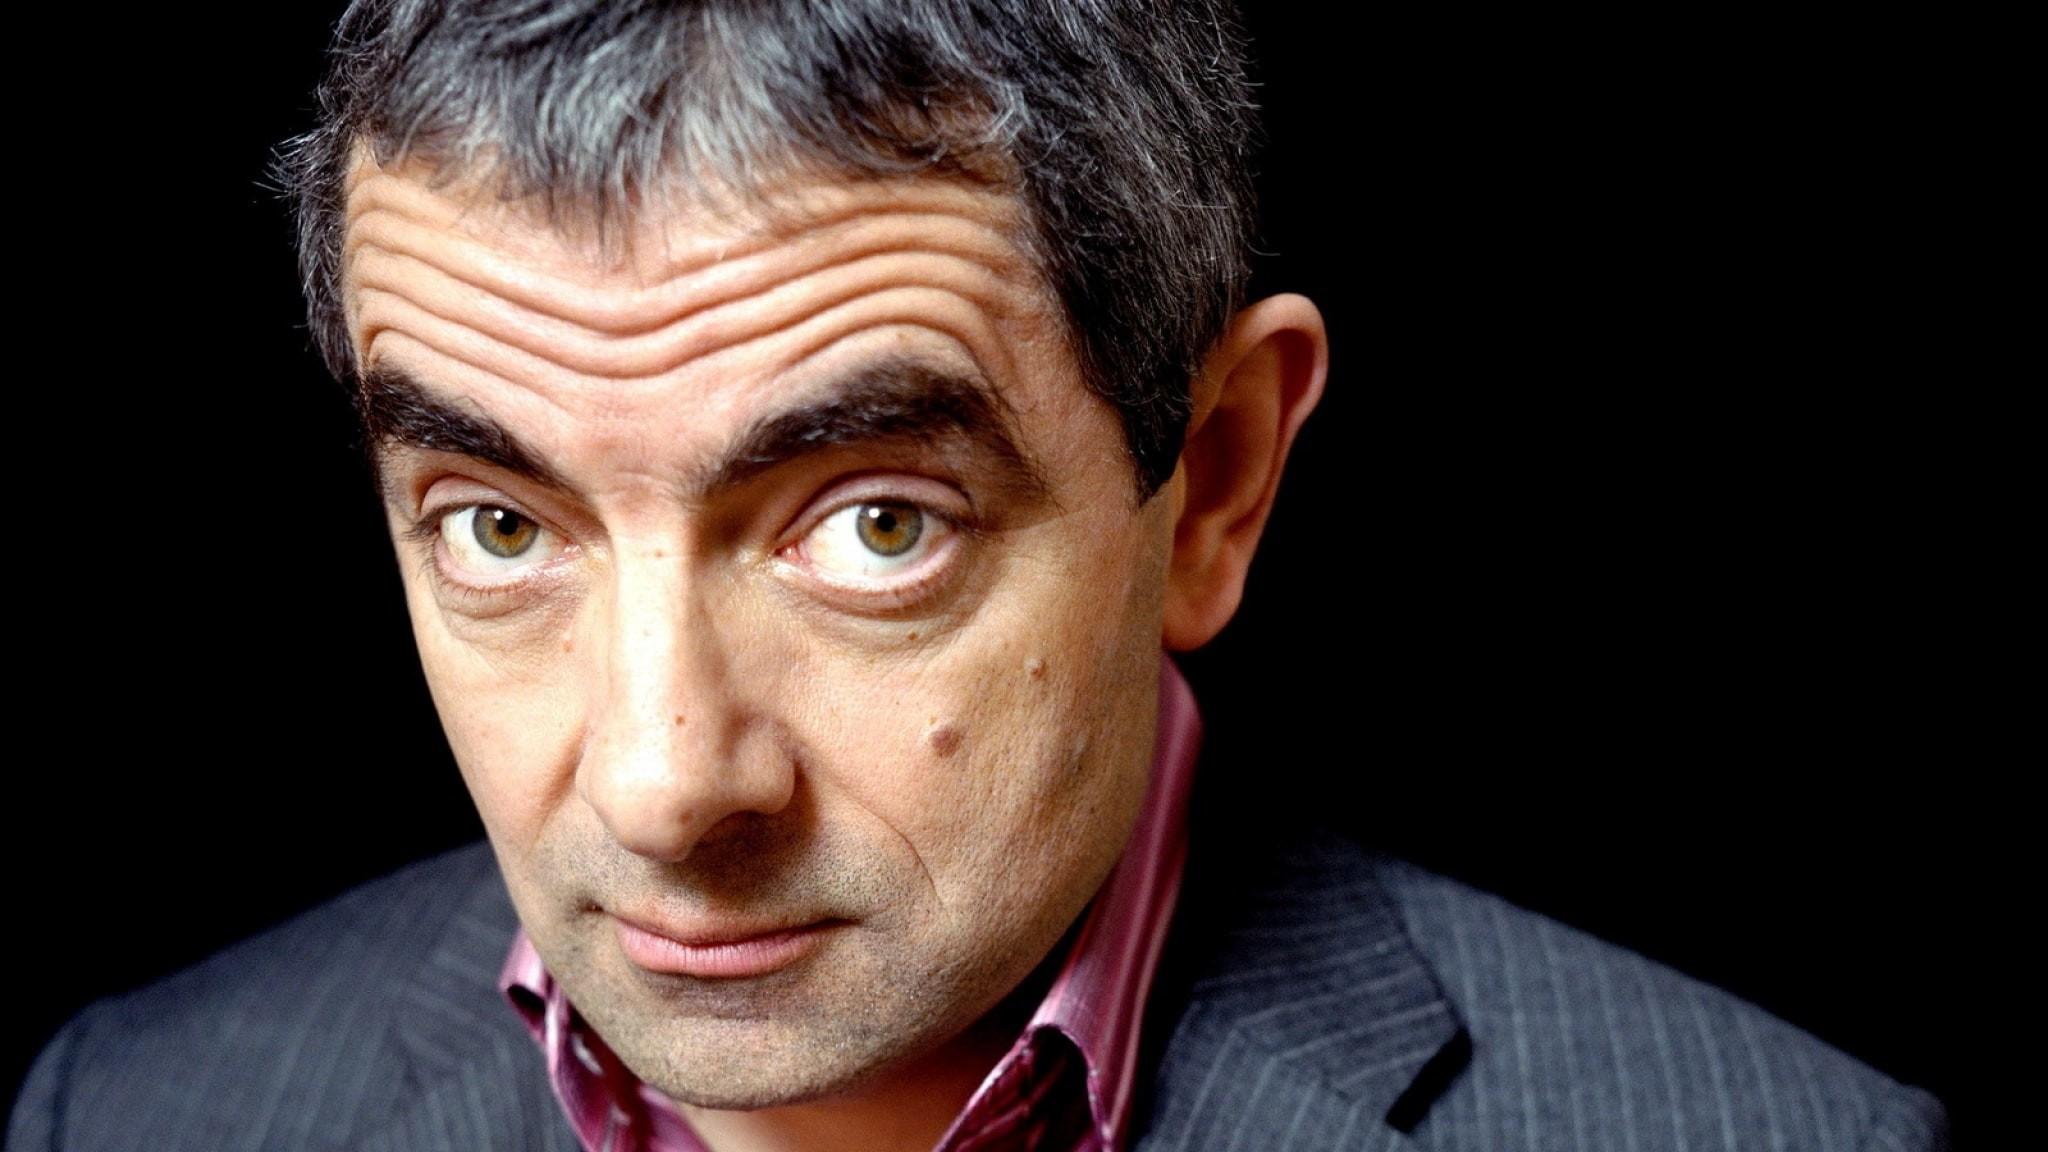 Rowan Atkinson Full hd wallpapers